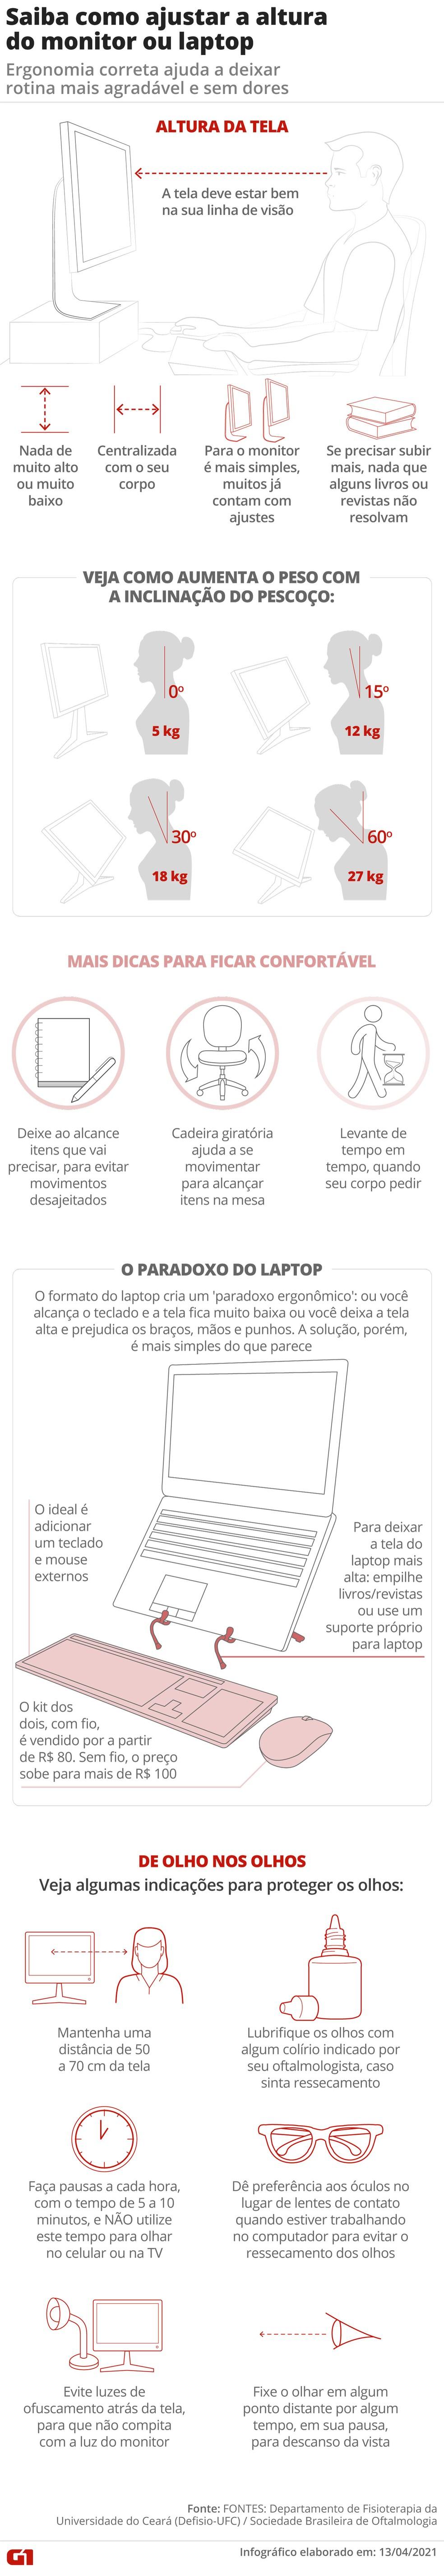 Ergonomia do monitor no home office — Foto: Anderson Cattai/Rafael Miotto/G1